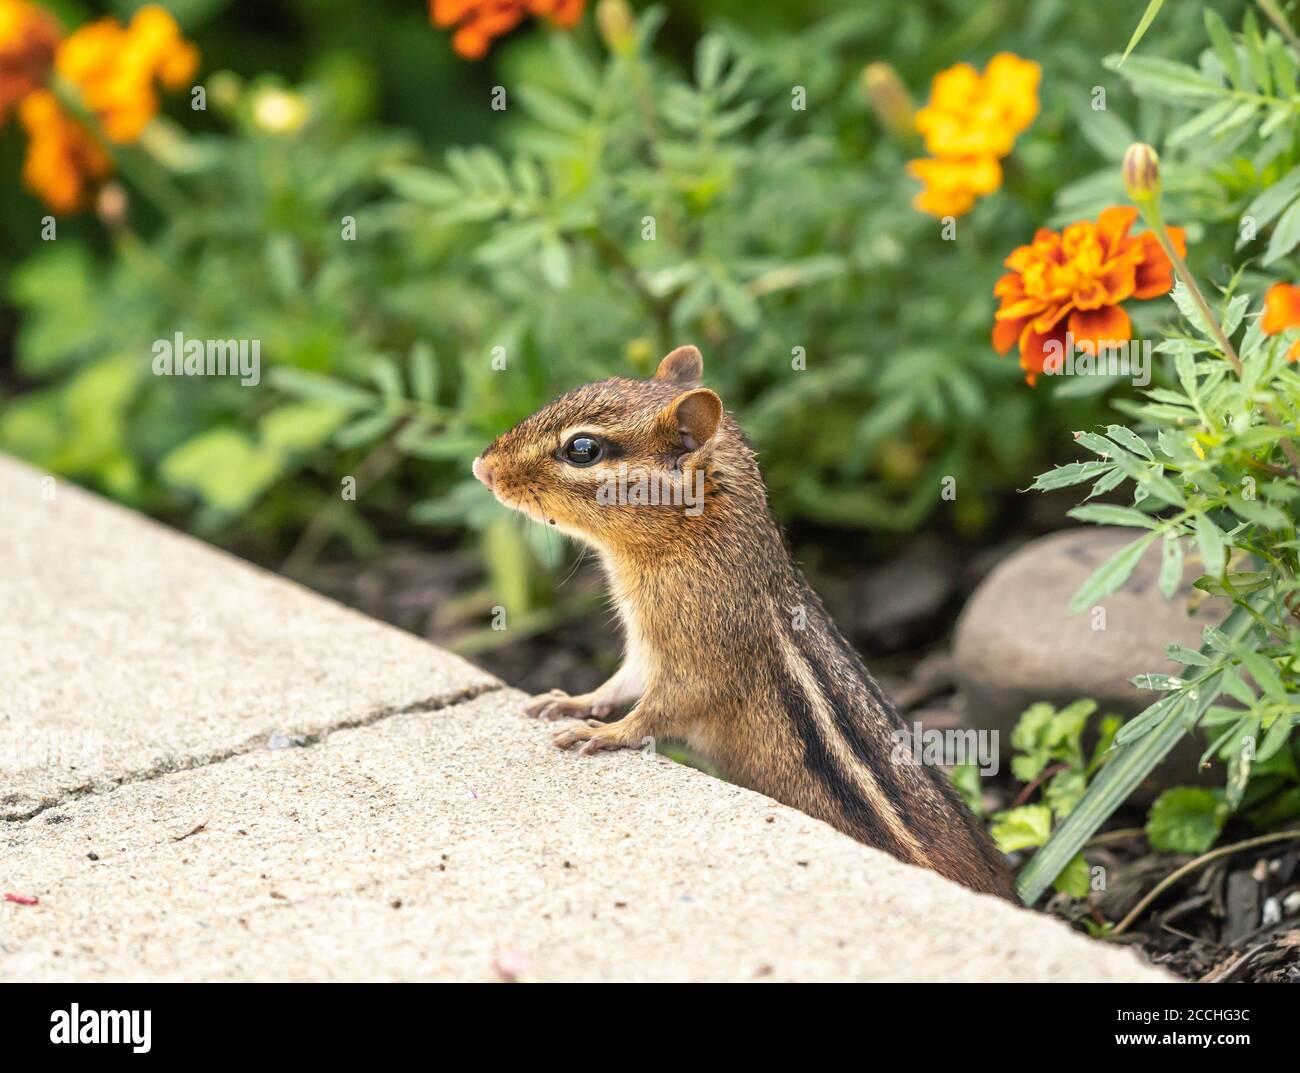 Eastern Chipmunk (Tamias striatus) in garden Stock Photo